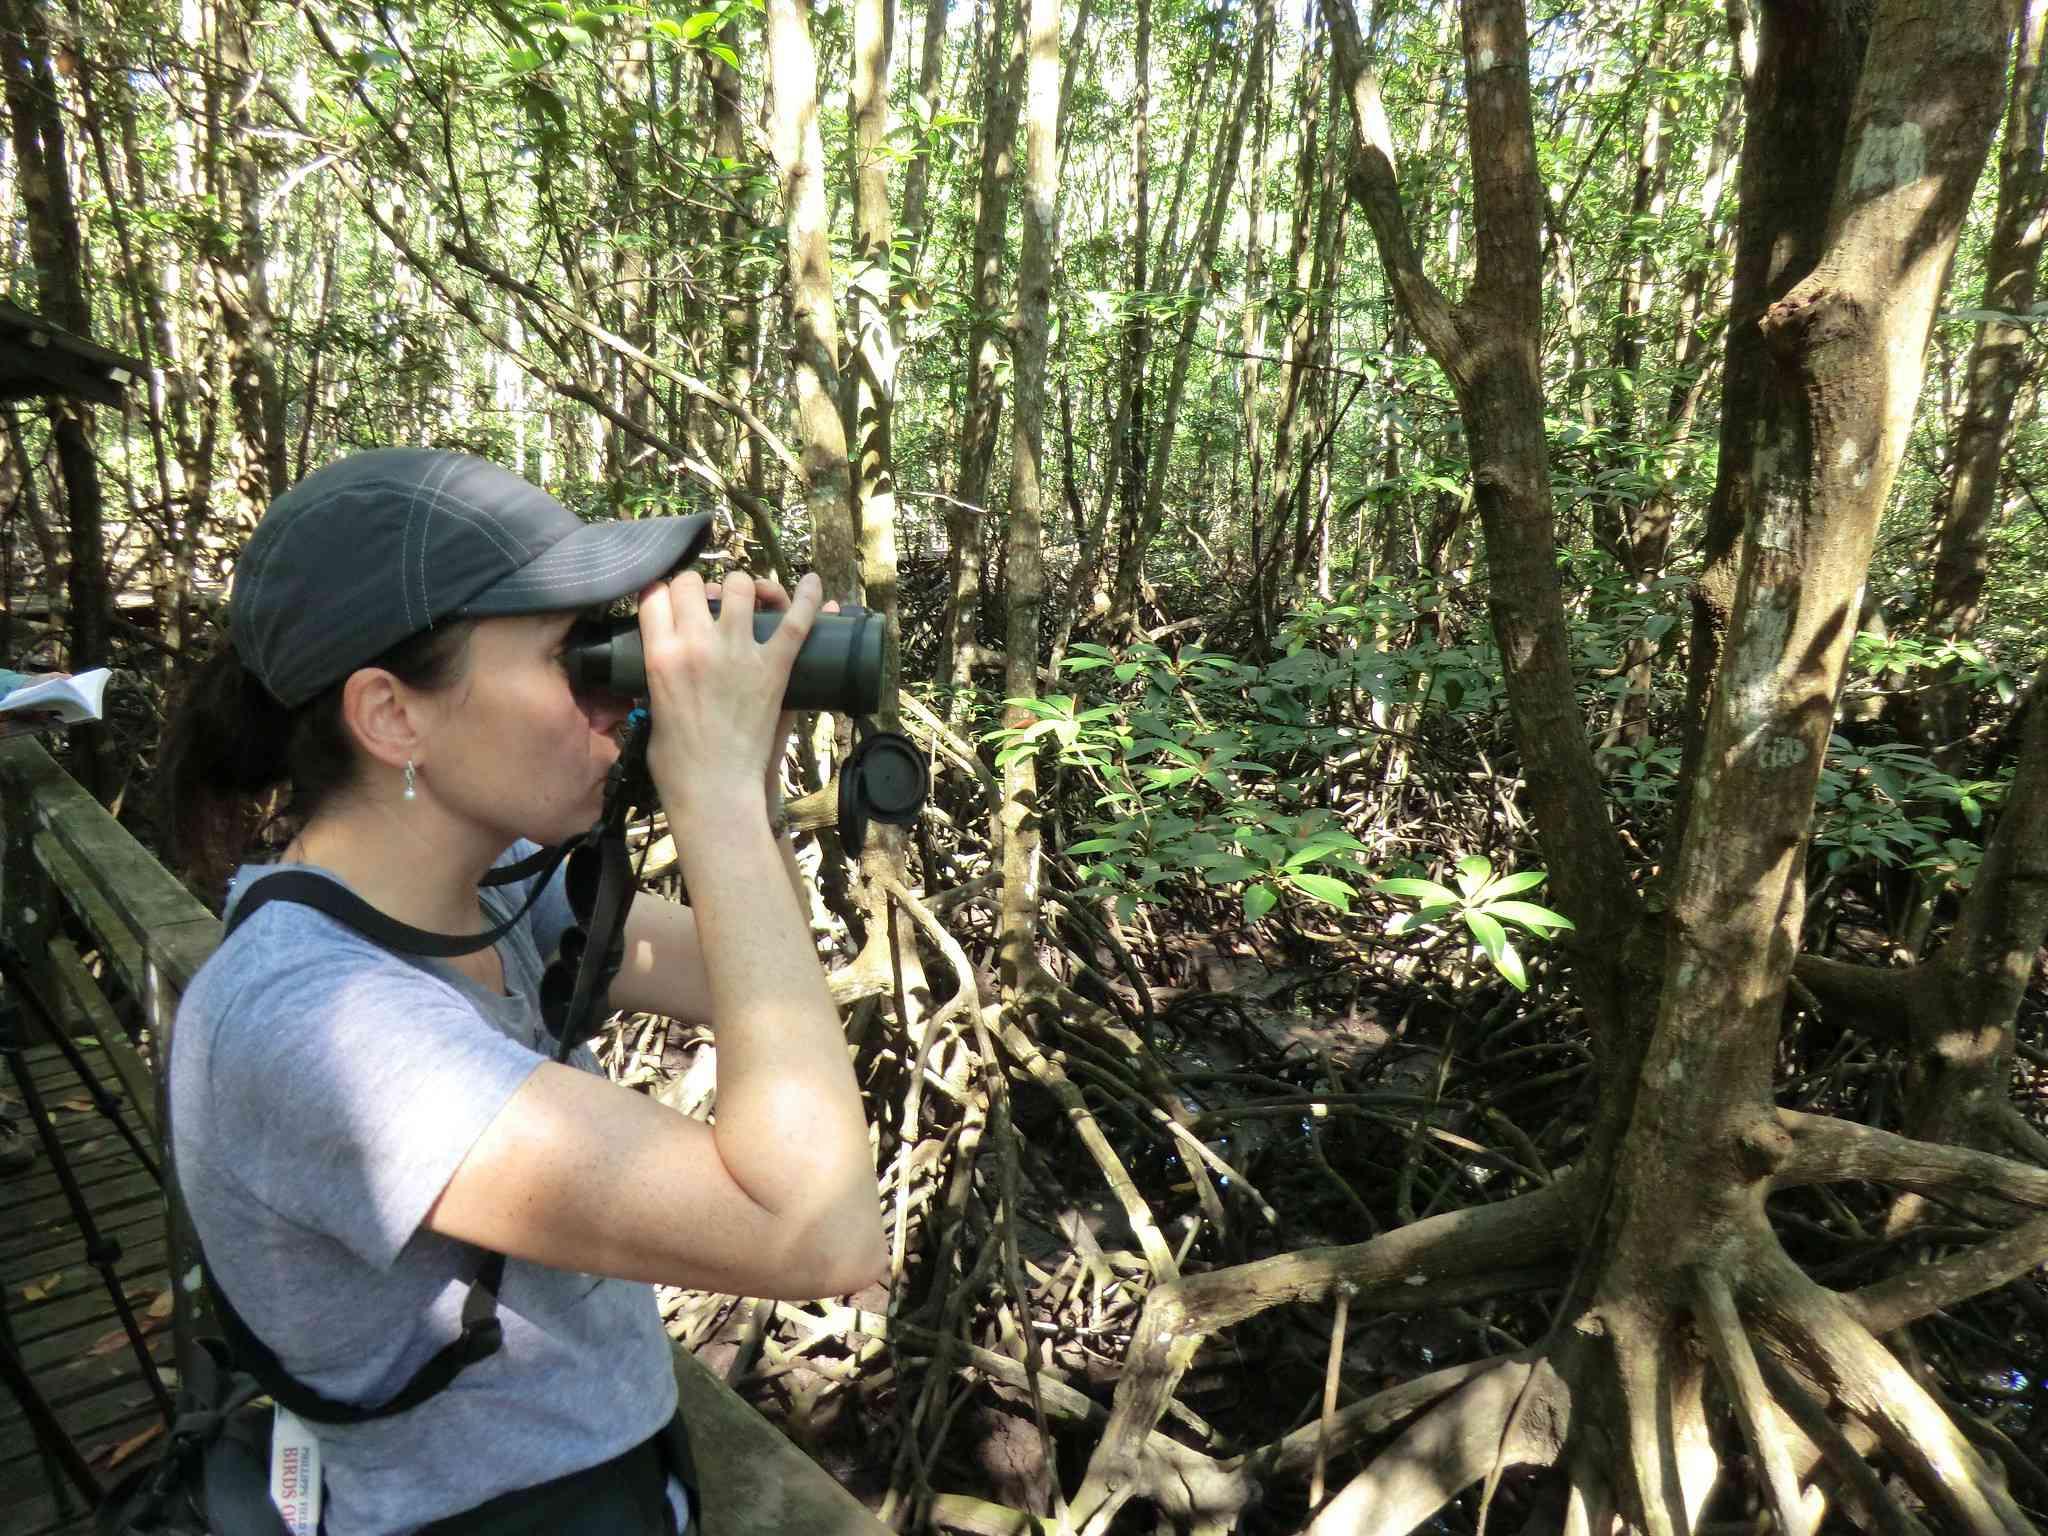 Birding the mangroves of the Kota Kinabalu Wetlands Centre